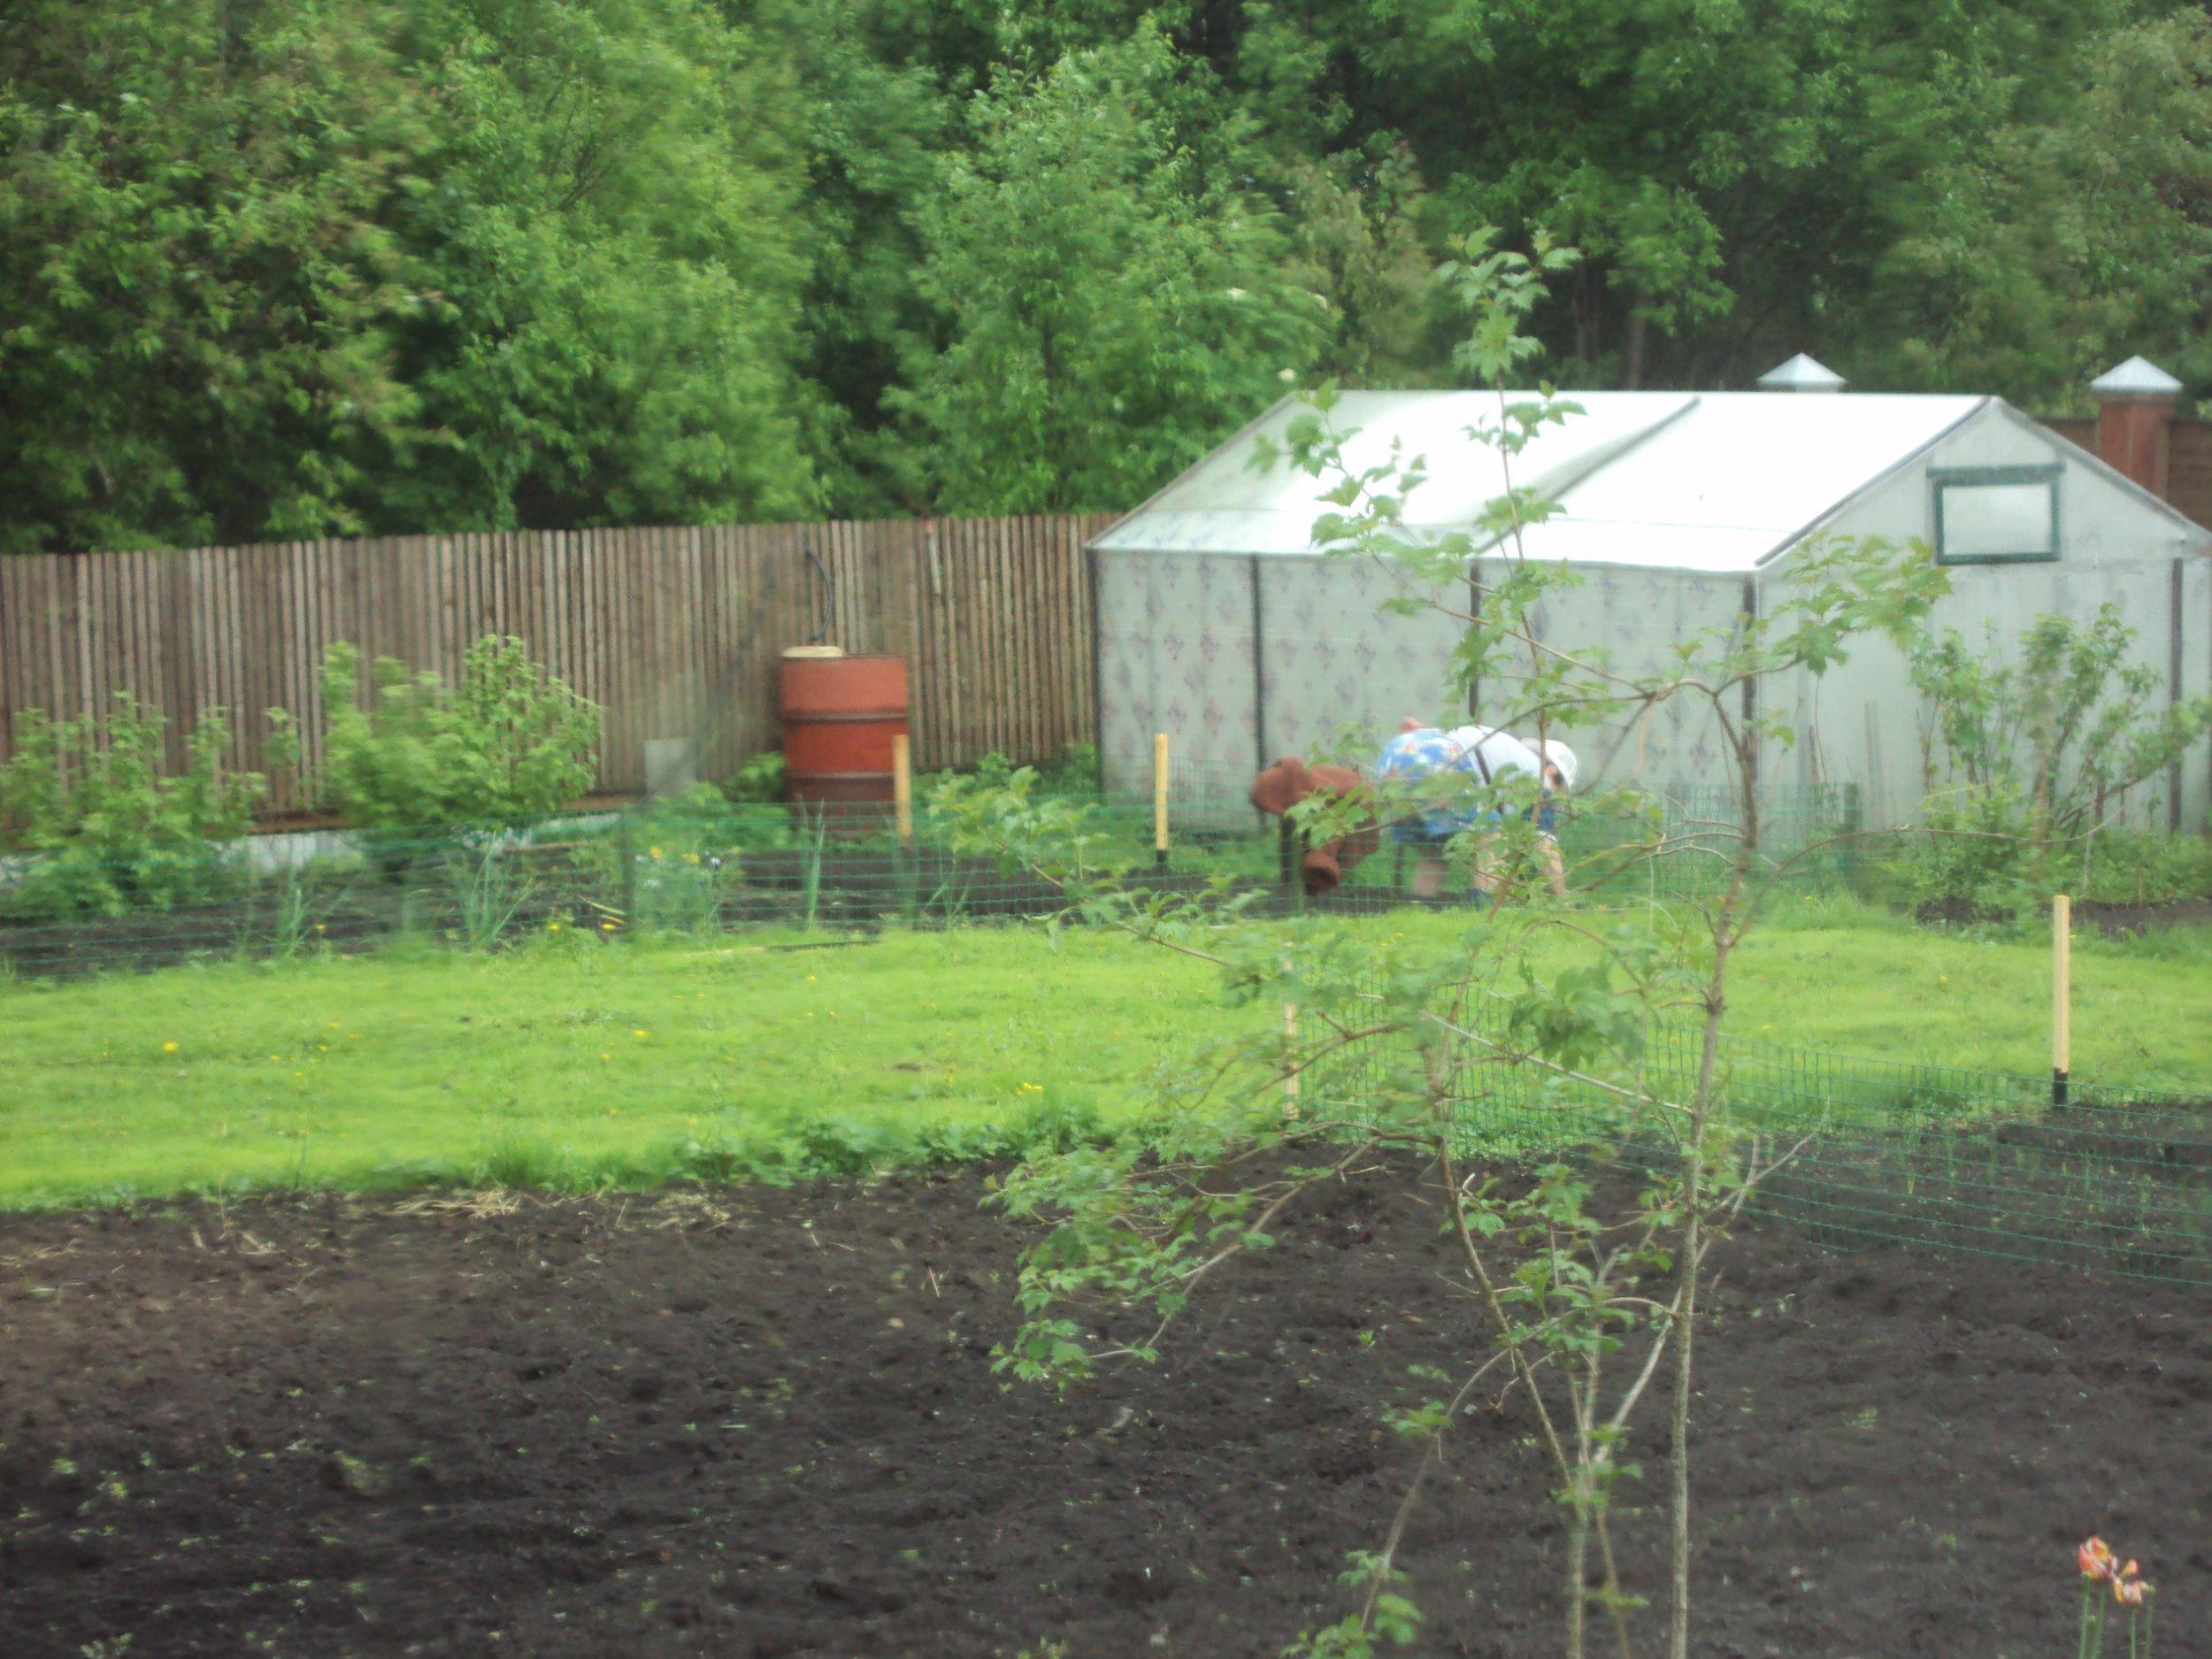 På Øst Europa datsjaer finner man ofte både plen og en annen plan med plenen - side om side. Etter noen år med gressplen, bytter kjøkkenhage og plen plass, og dette er med på å bidra til et godt vekstskifte.